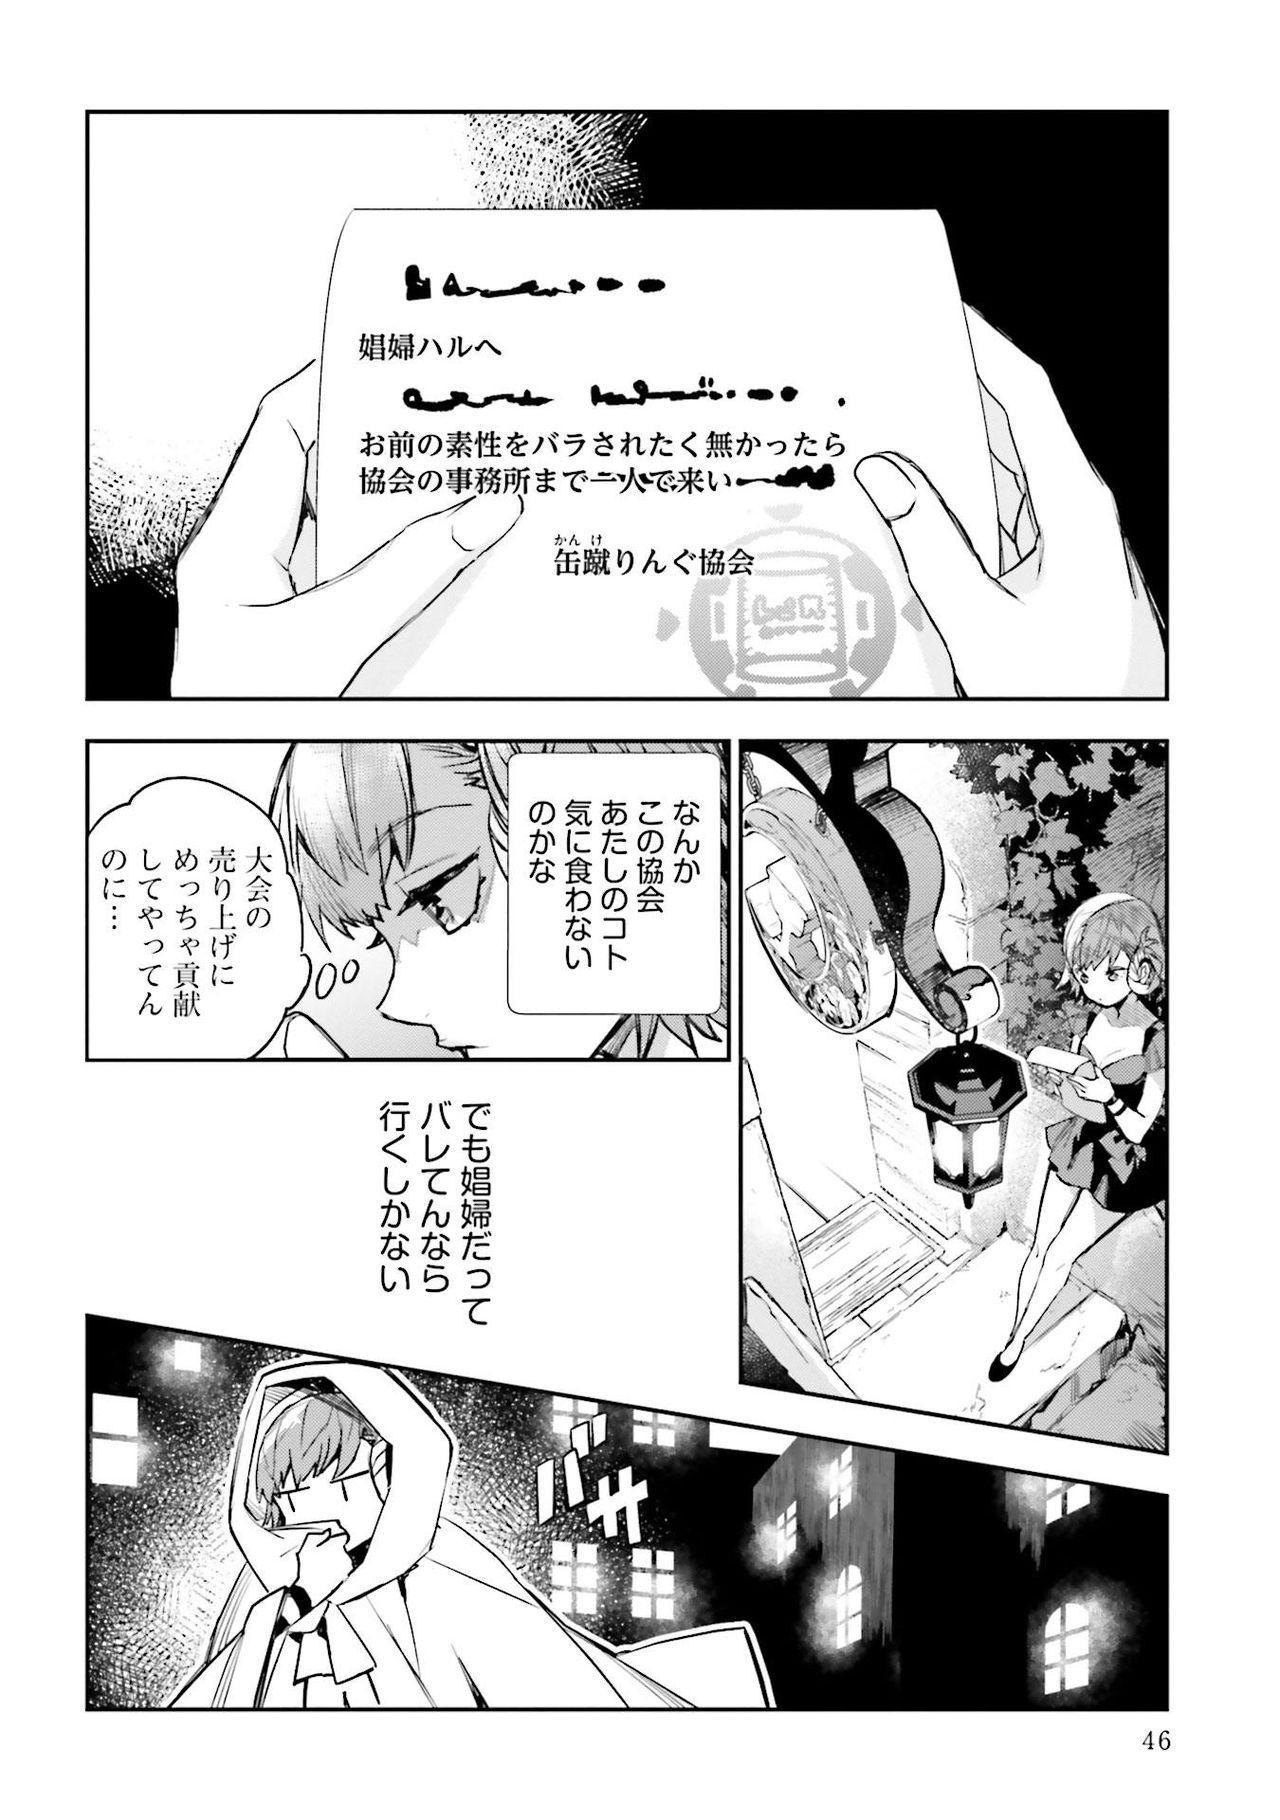 JK Haru wa Isekai de Shoufu ni Natta 1-14 405